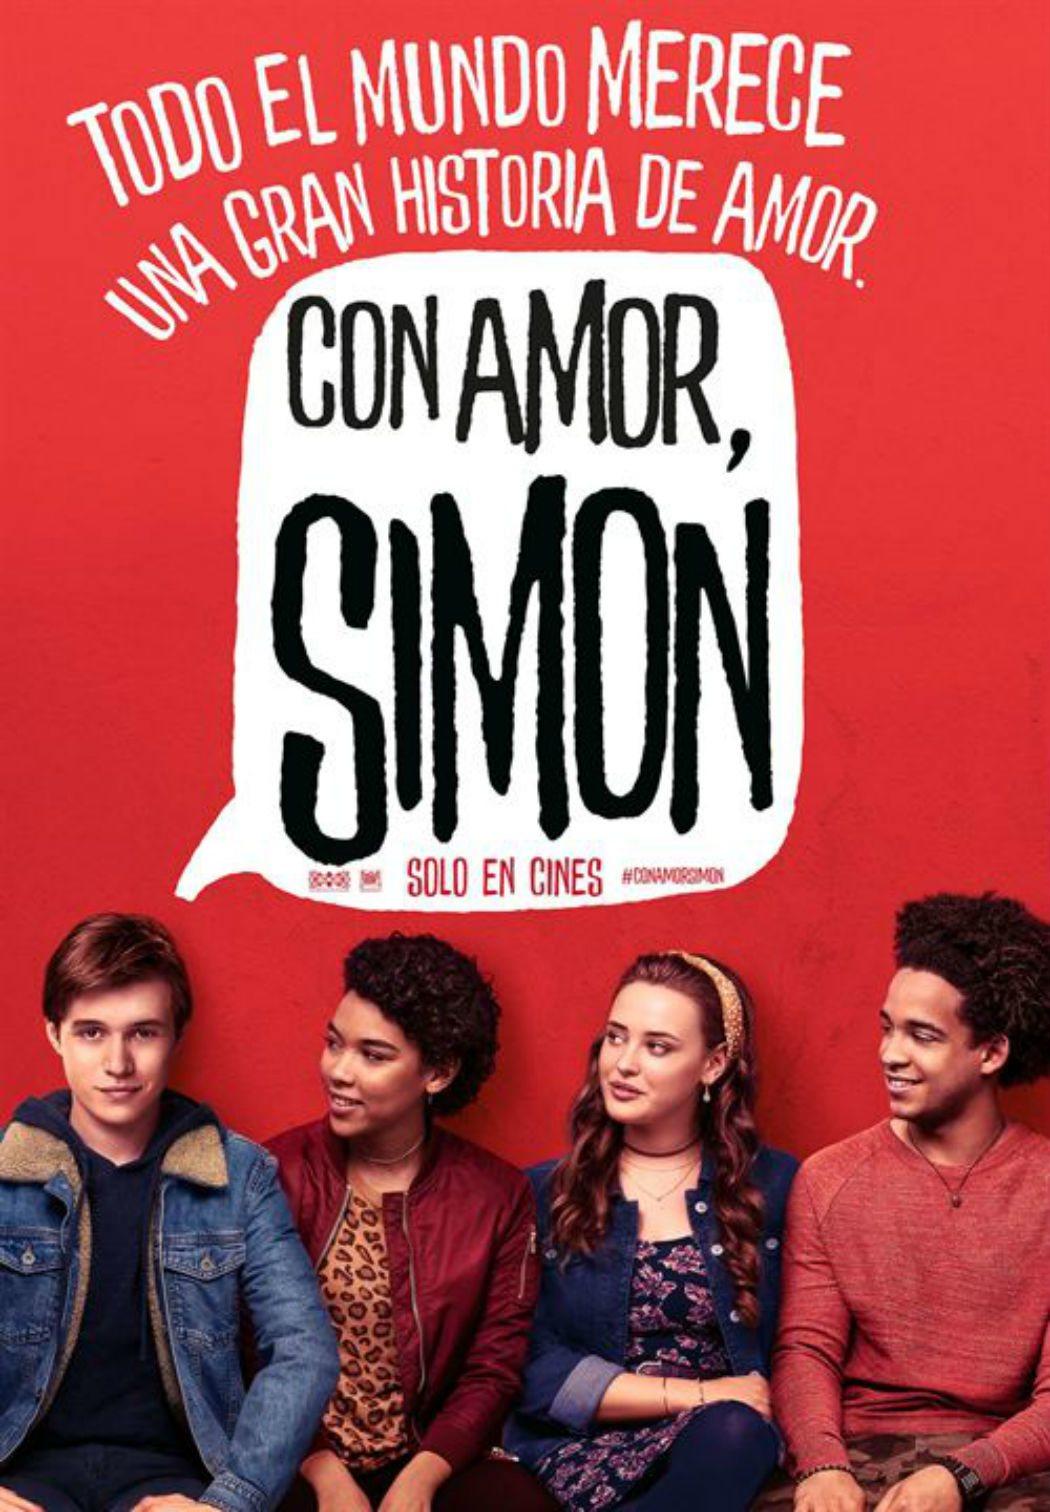 'Con amor, Simon' (2018)